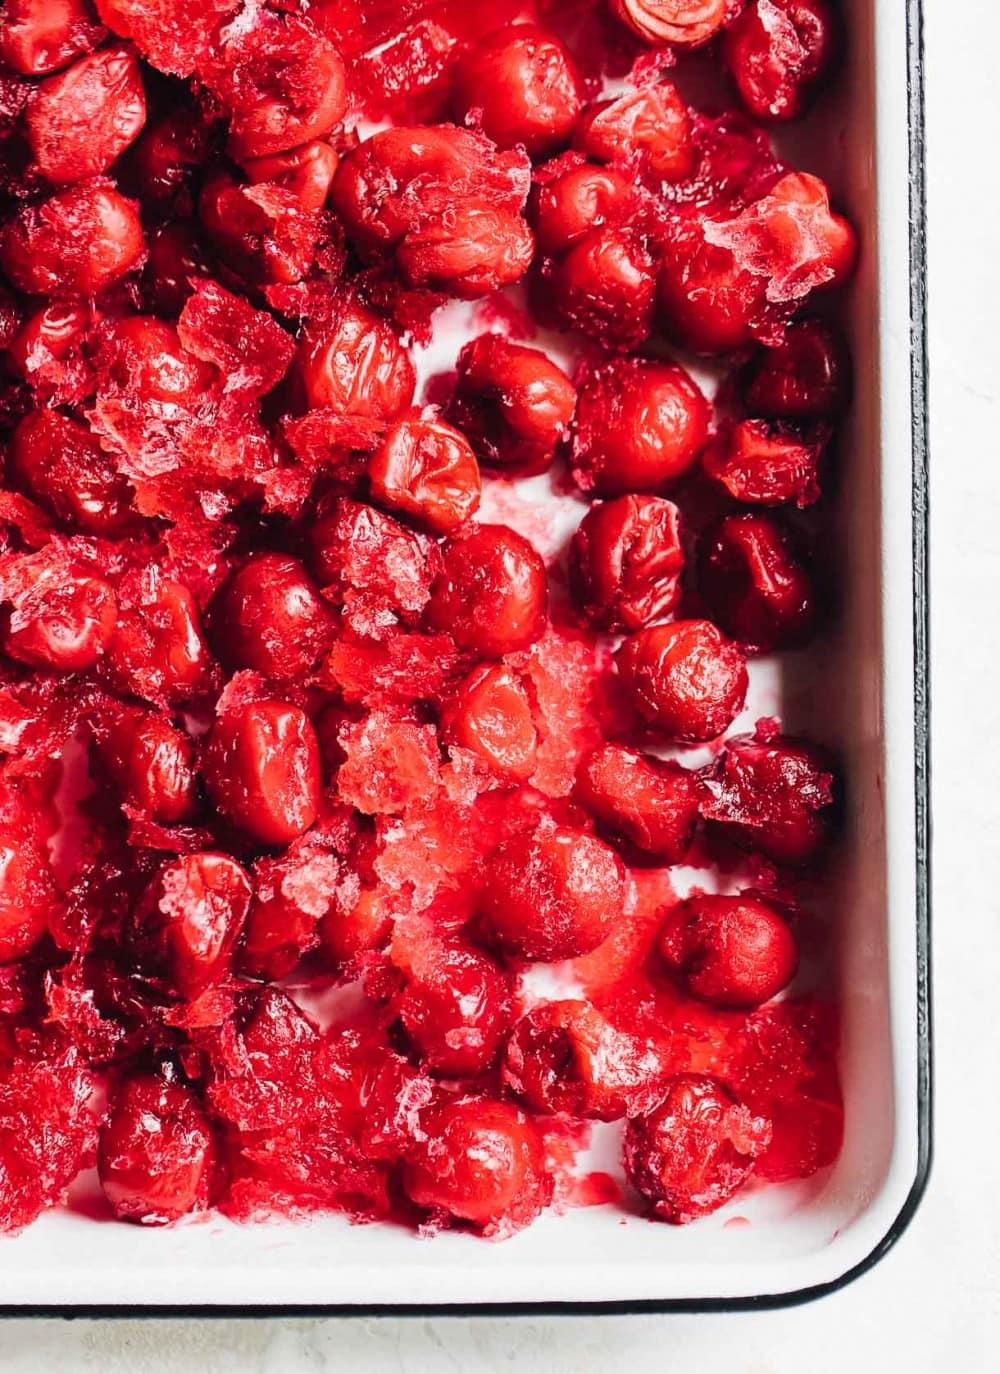 frozen tart cherries in a white enamel pan